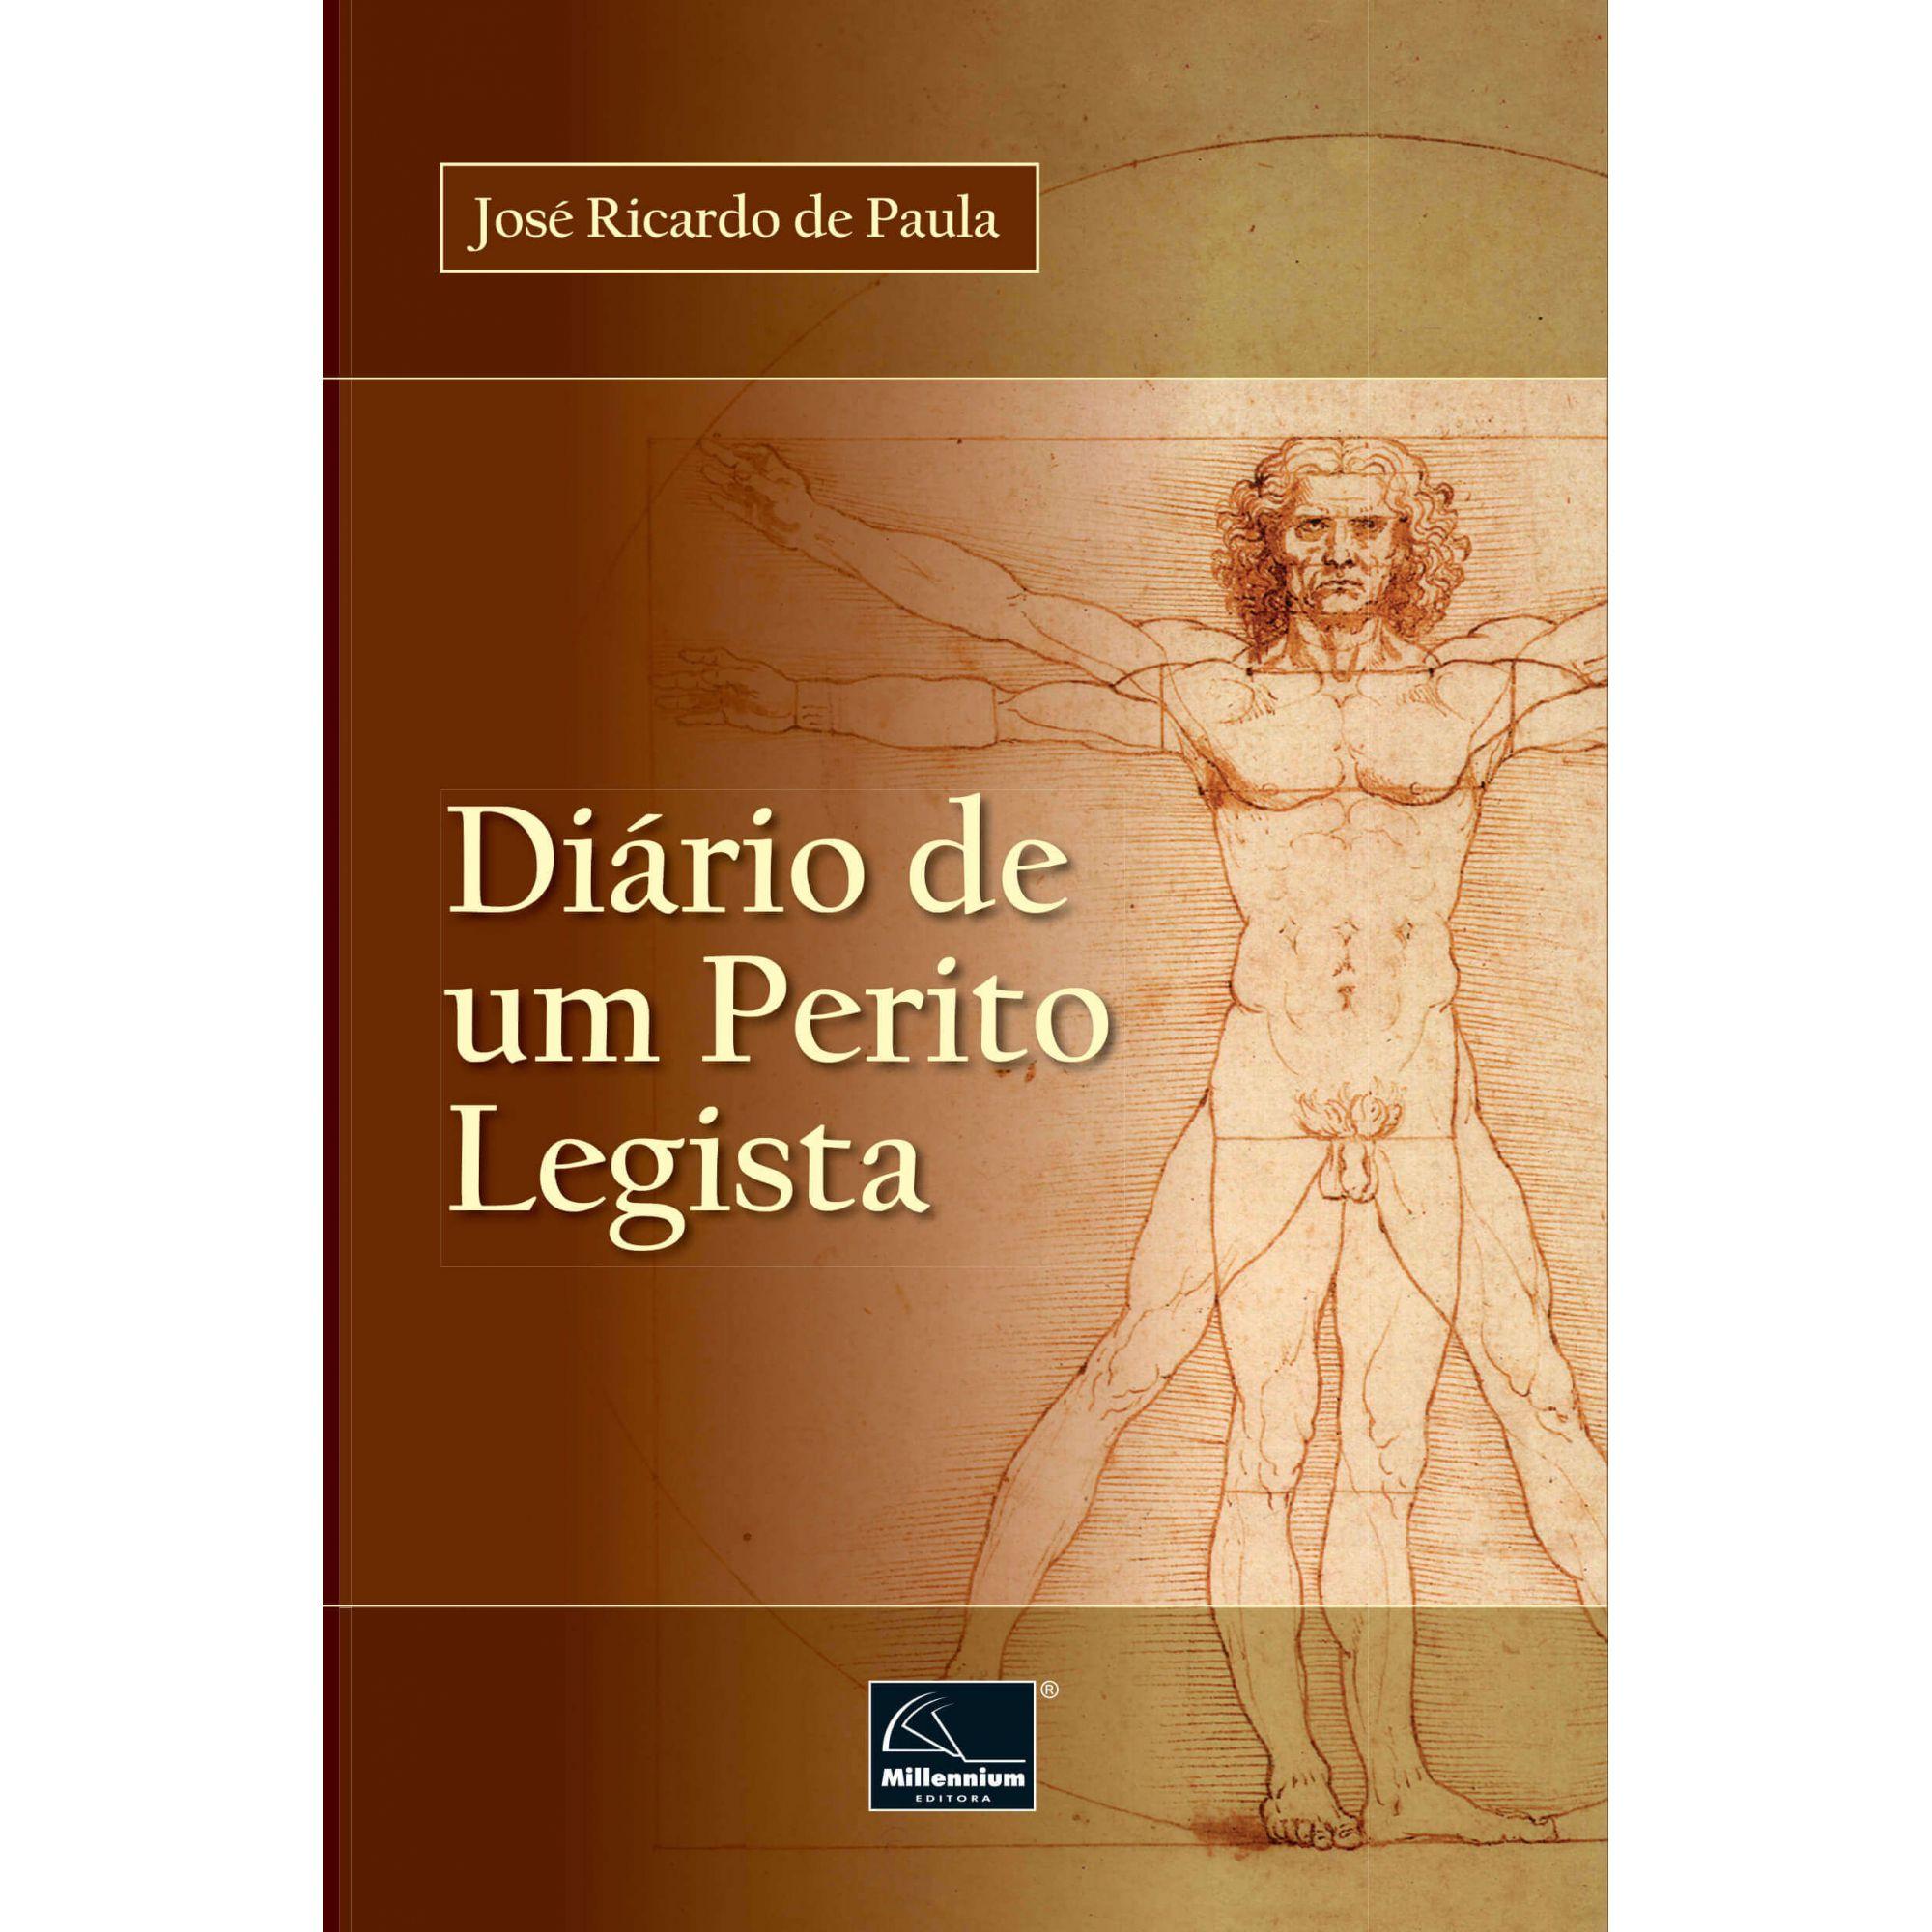 Diário de um Perito Legista <b> Autor: José Ricardo de Paula</b>  - Millennium Editora - Livros de Perícia